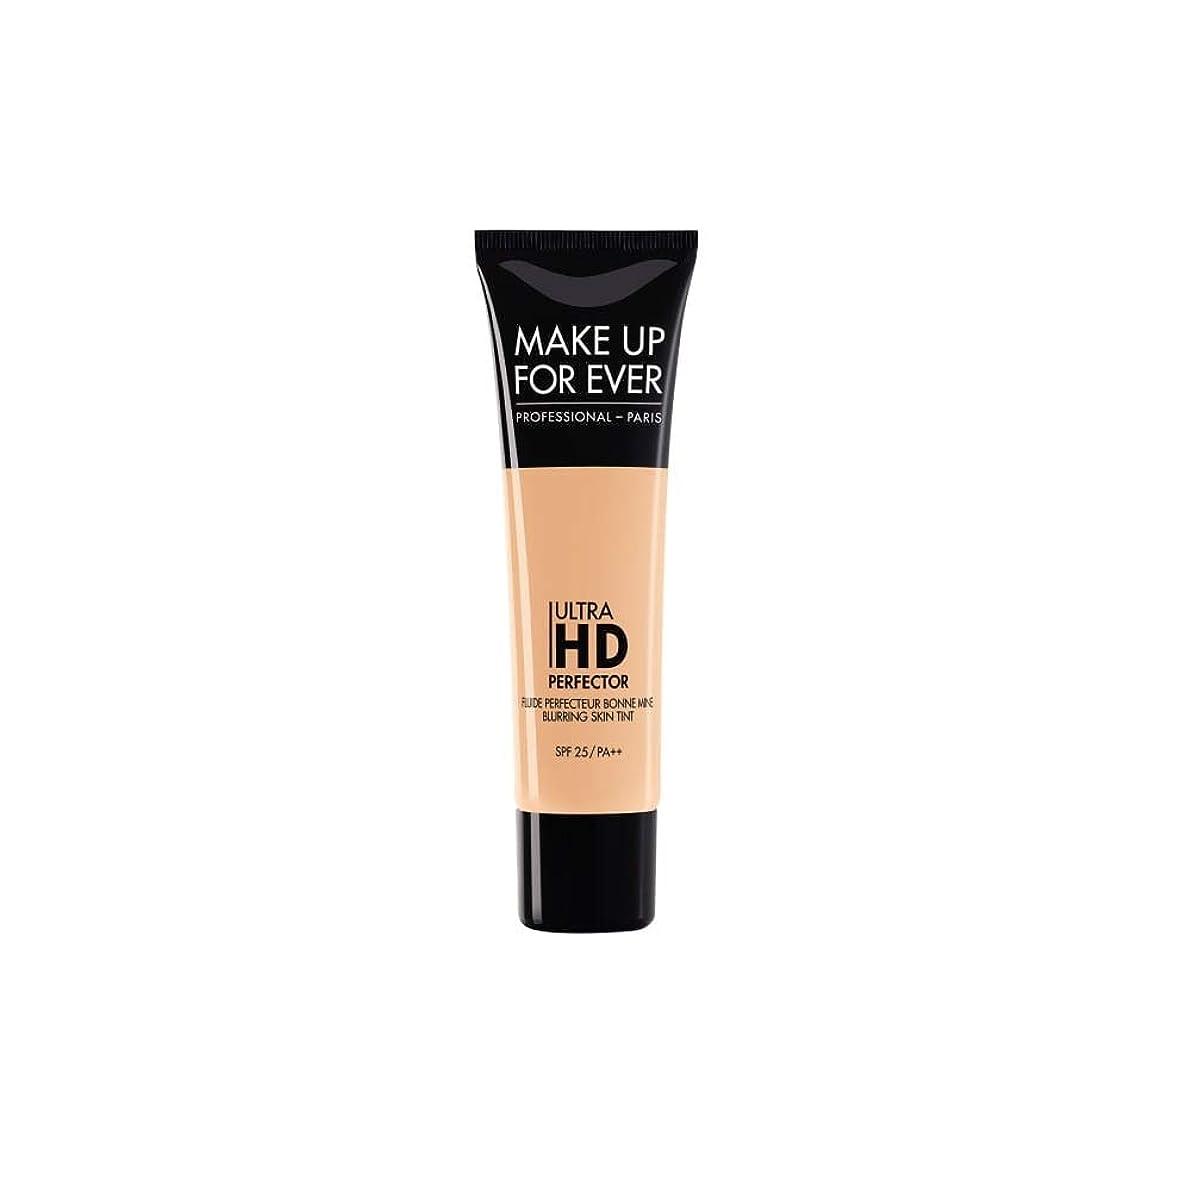 チートコンピューター波紋メイクアップフォーエバー Ultra HD Perfector Blurring Skin Tint SPF25 - # 05 Sand 30ml/1.01oz並行輸入品